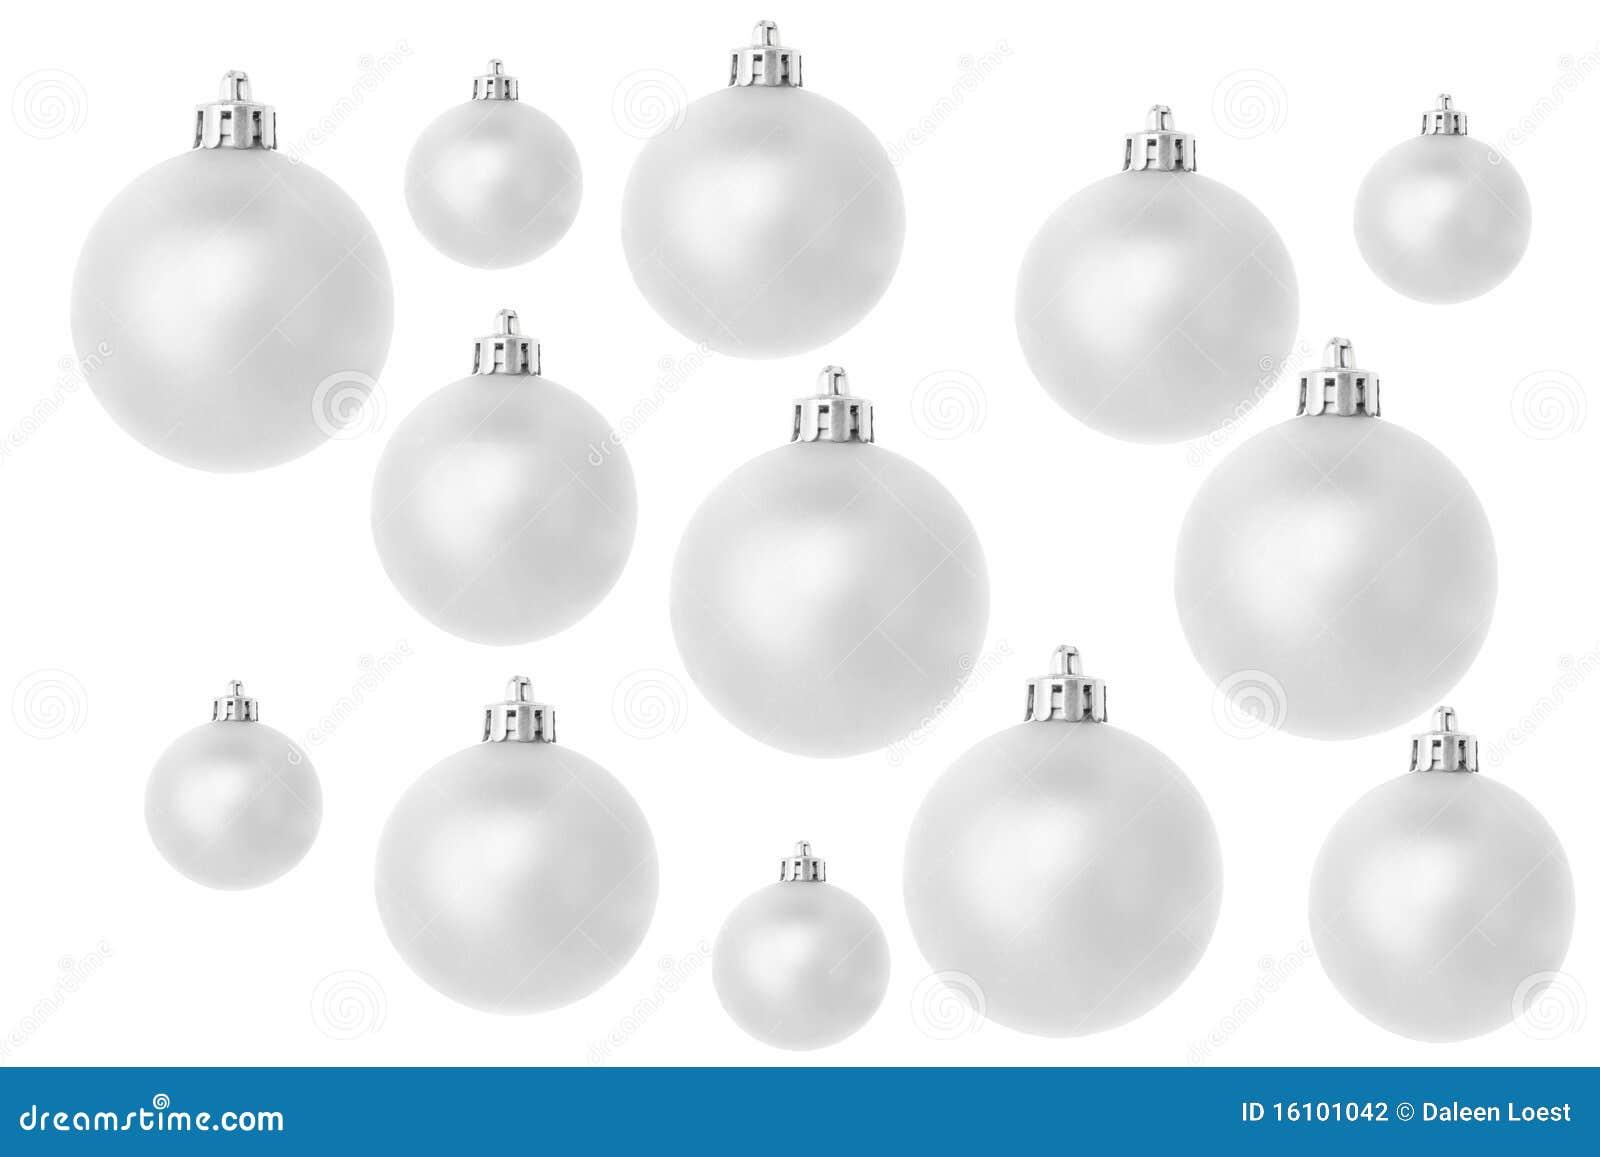 Silberne Weihnachtskugeln.Silberne Weihnachtskugeln Auf Weiss Stockfoto Bild Von